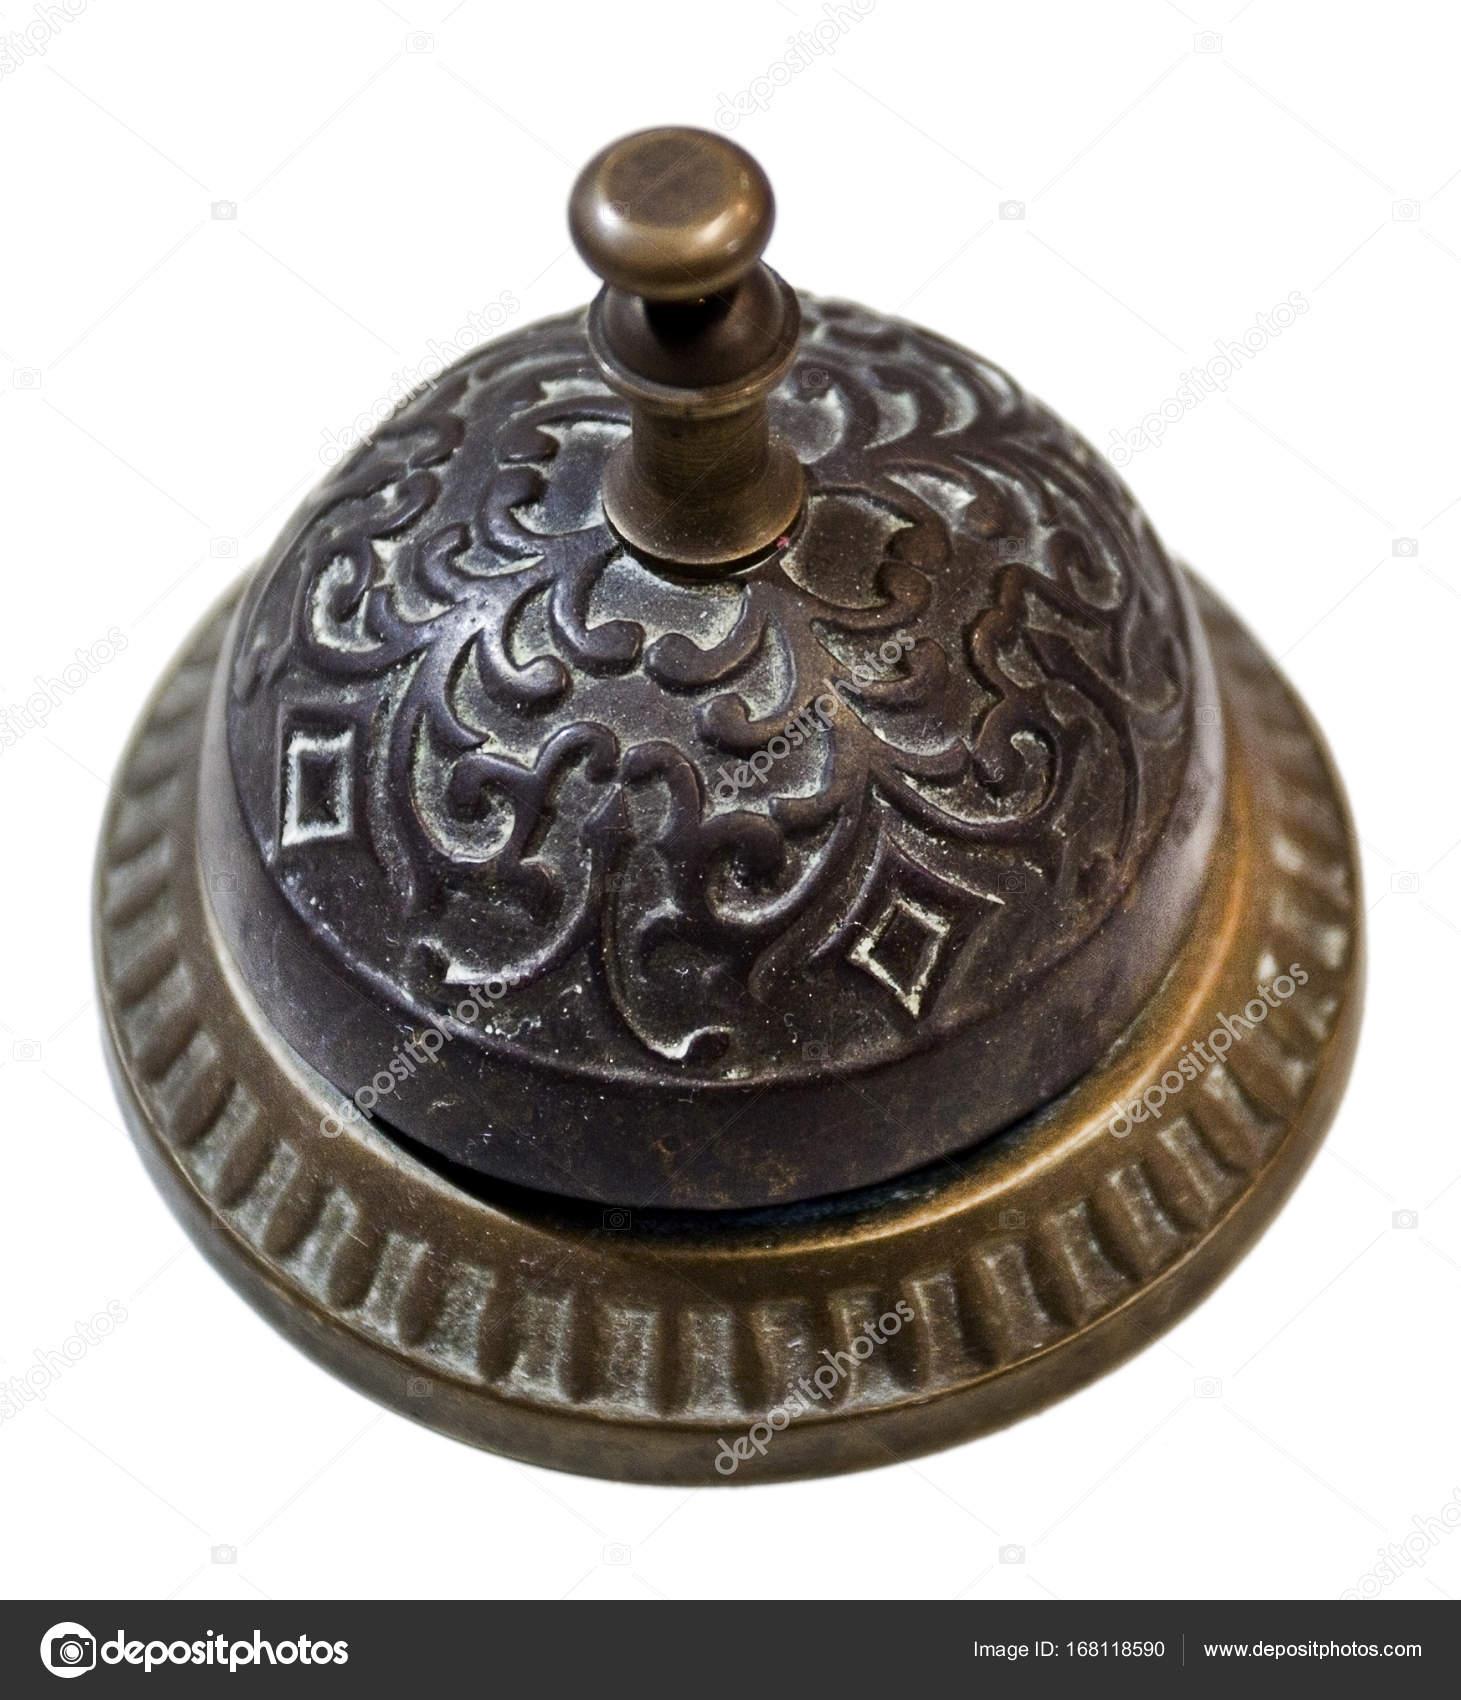 Vintage Hotel Desk Bell — Stock Photo - Vintage Hotel Desk Bell — Stock Photo © ErrantPixels #168118590